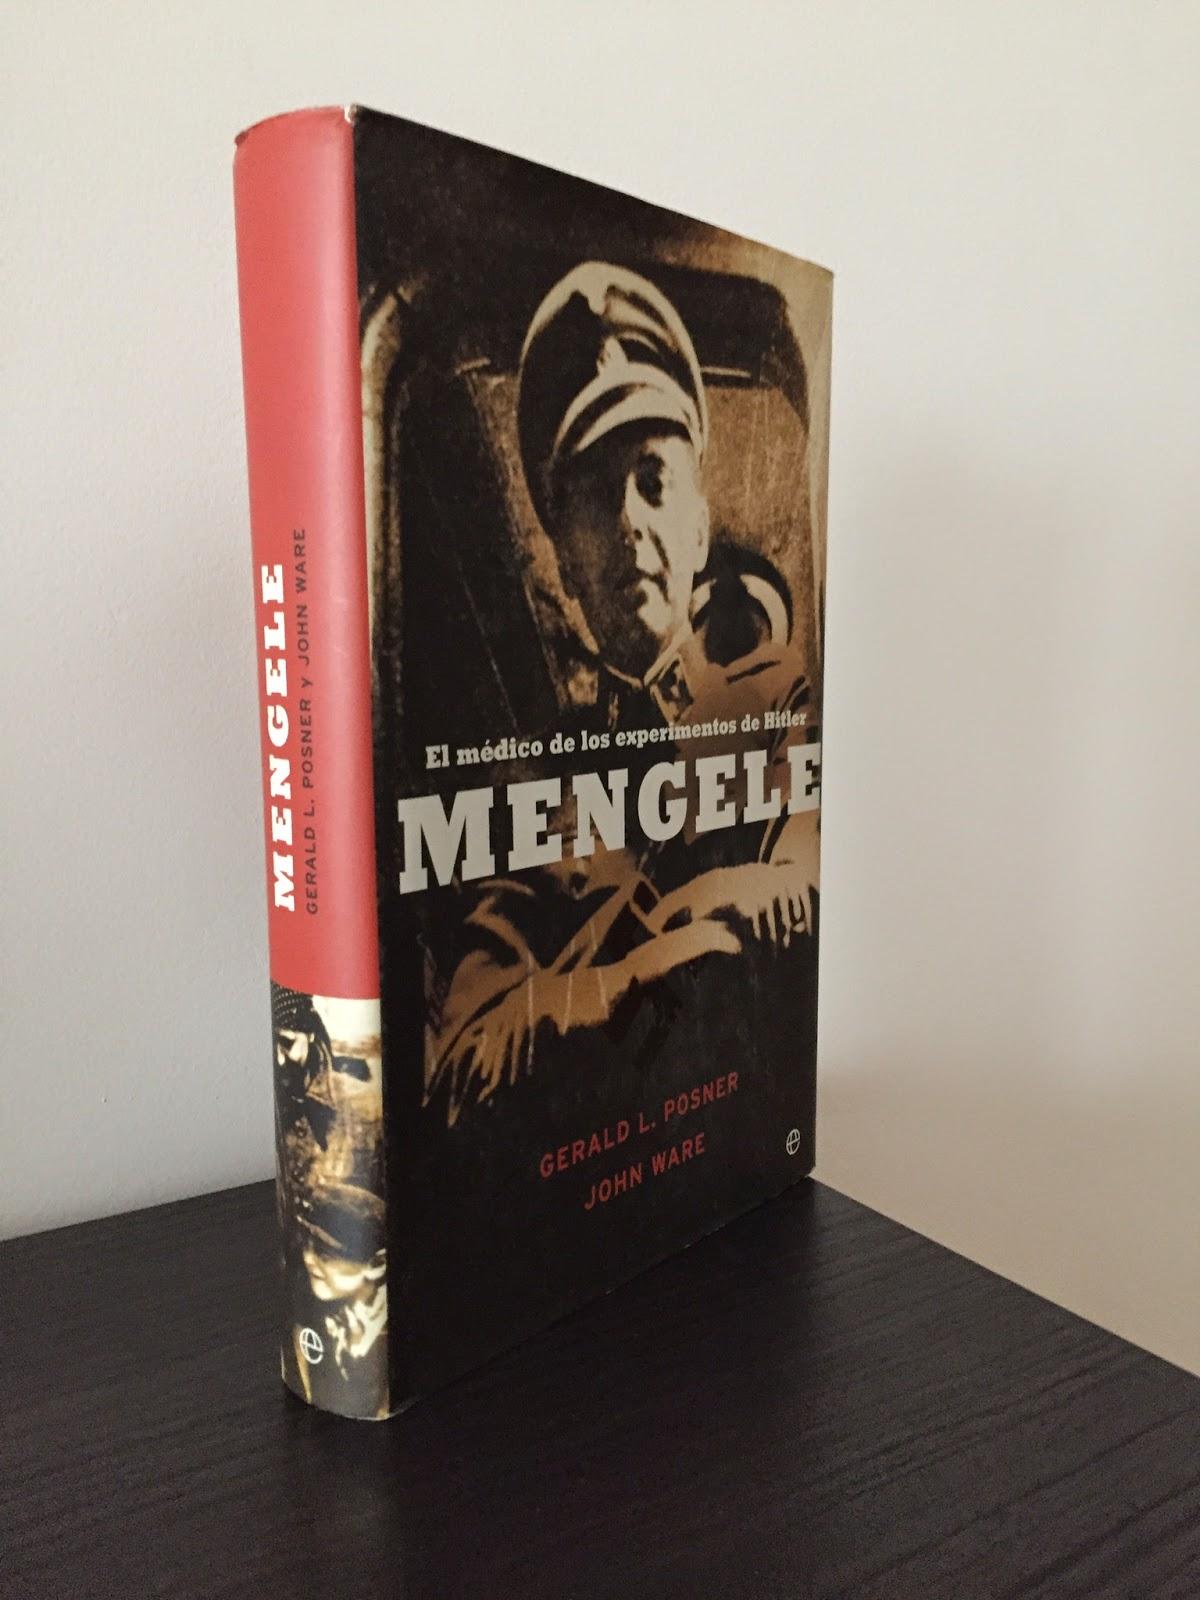 Mengele, Libros bélicos, Segunda guerra mundial